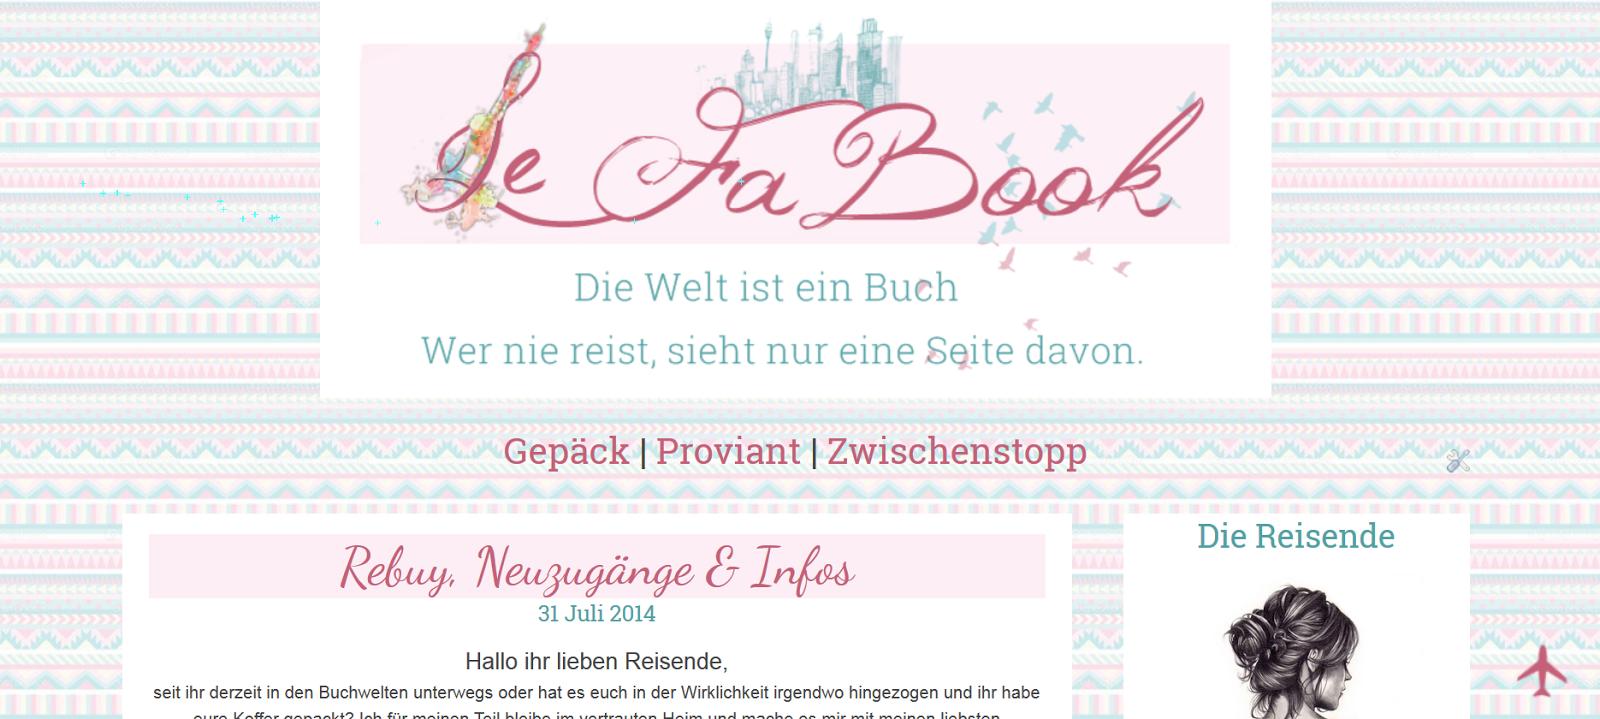 http://lefabook.blogspot.de/